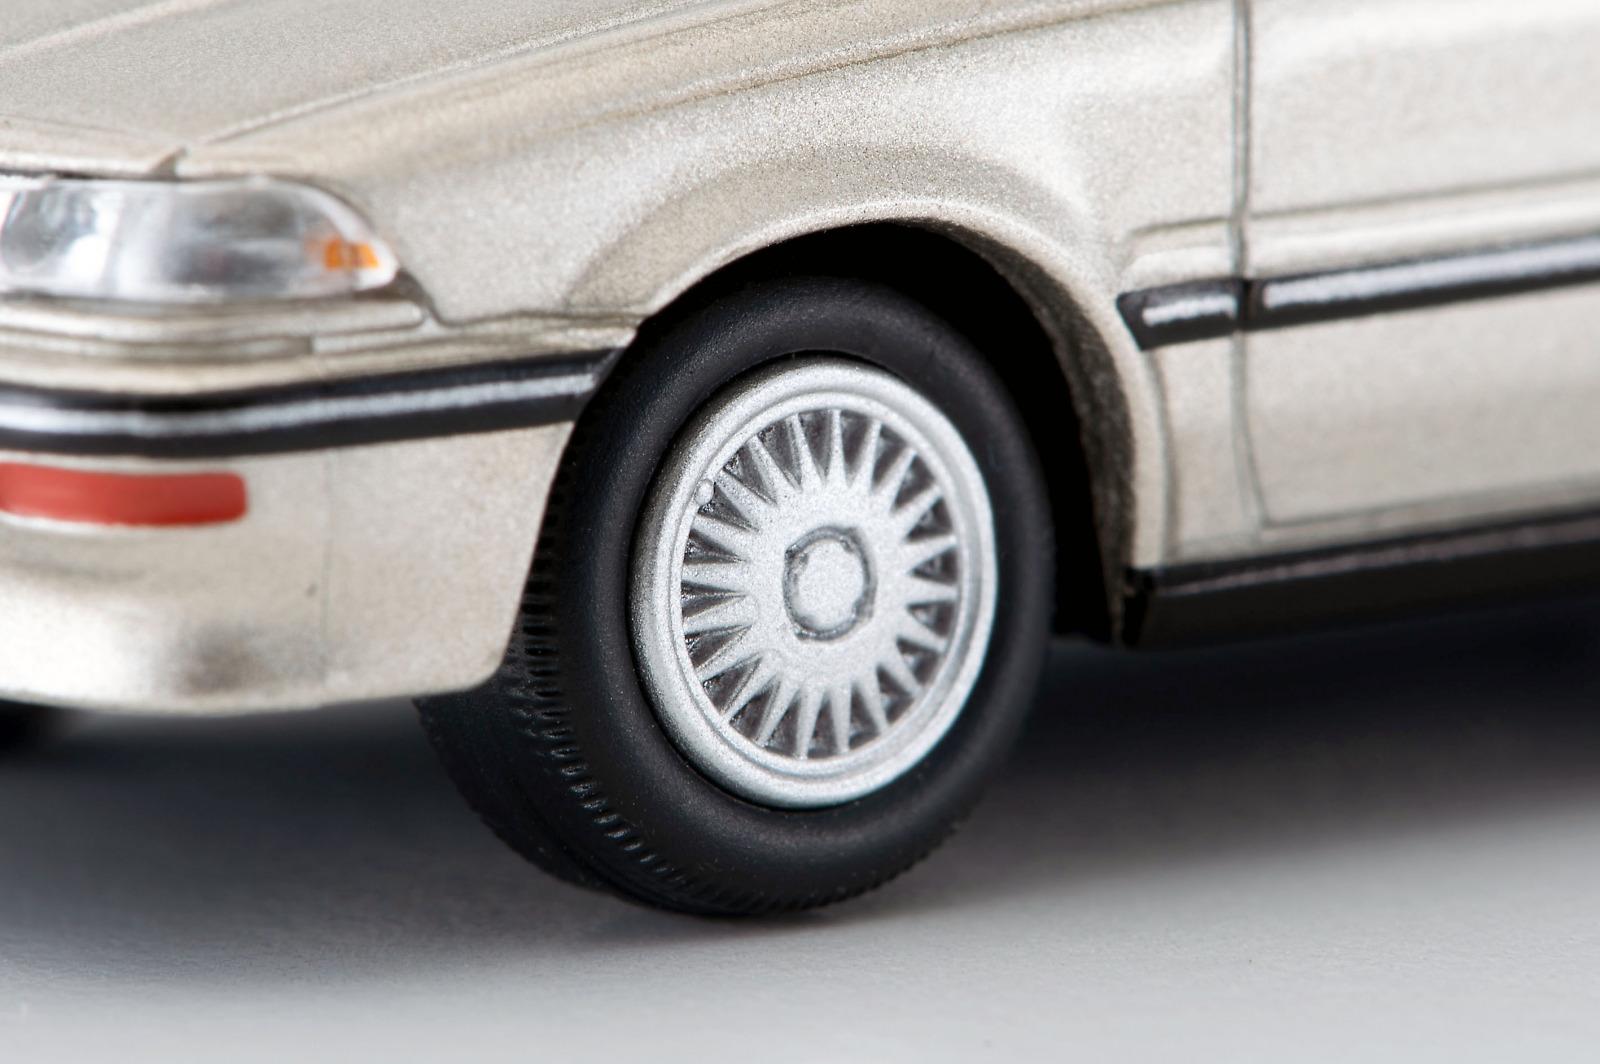 「史上最高の販売台数6代目カローラの「1500SEリミテッド」がトミカLV-NEOに新登場【ミニカー新製品情報】」の9枚目の画像